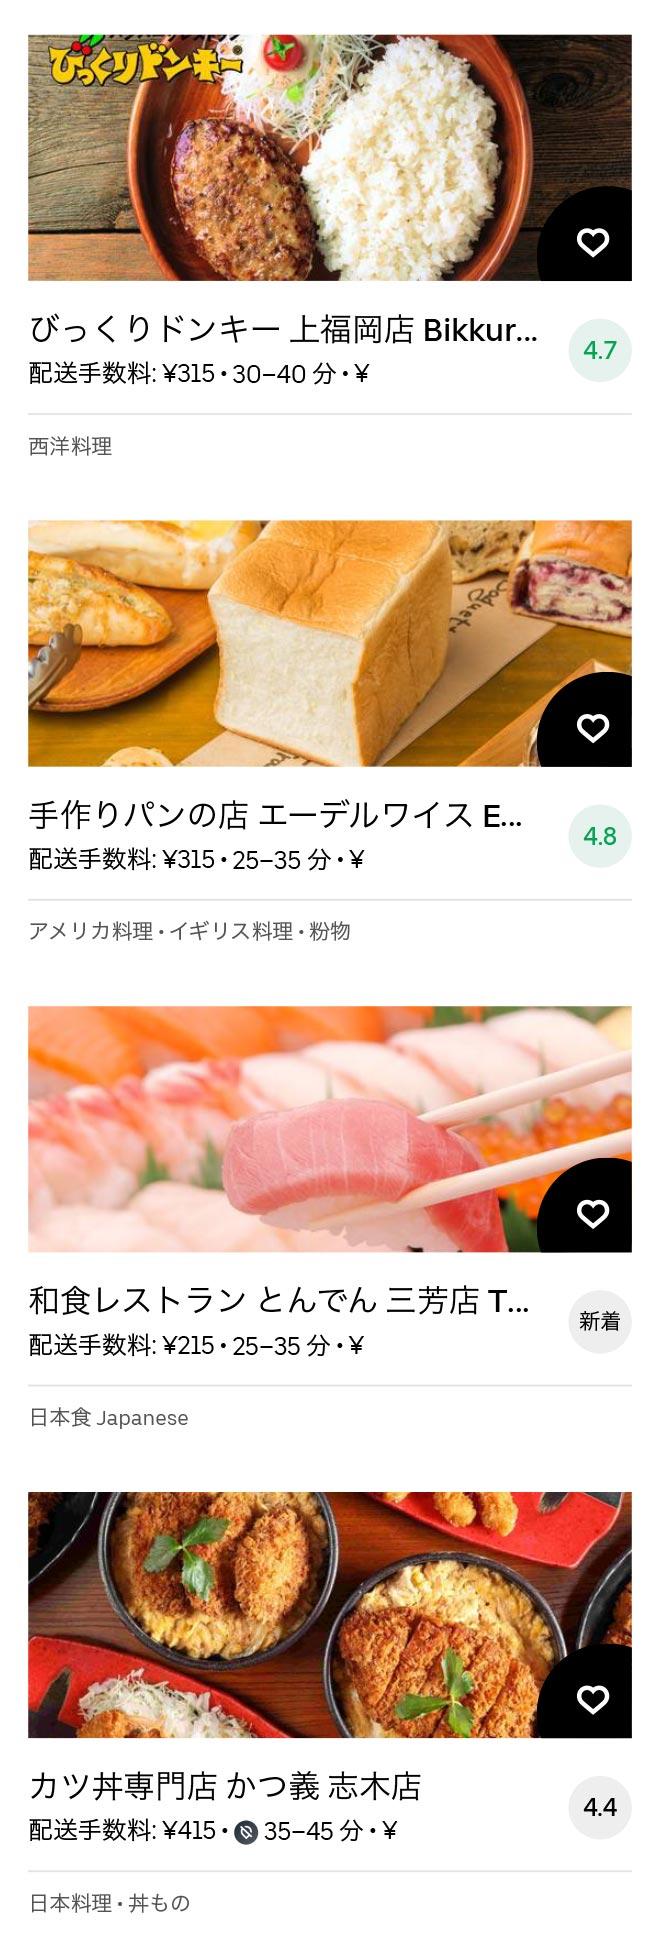 Tsuruse menu 2011 09